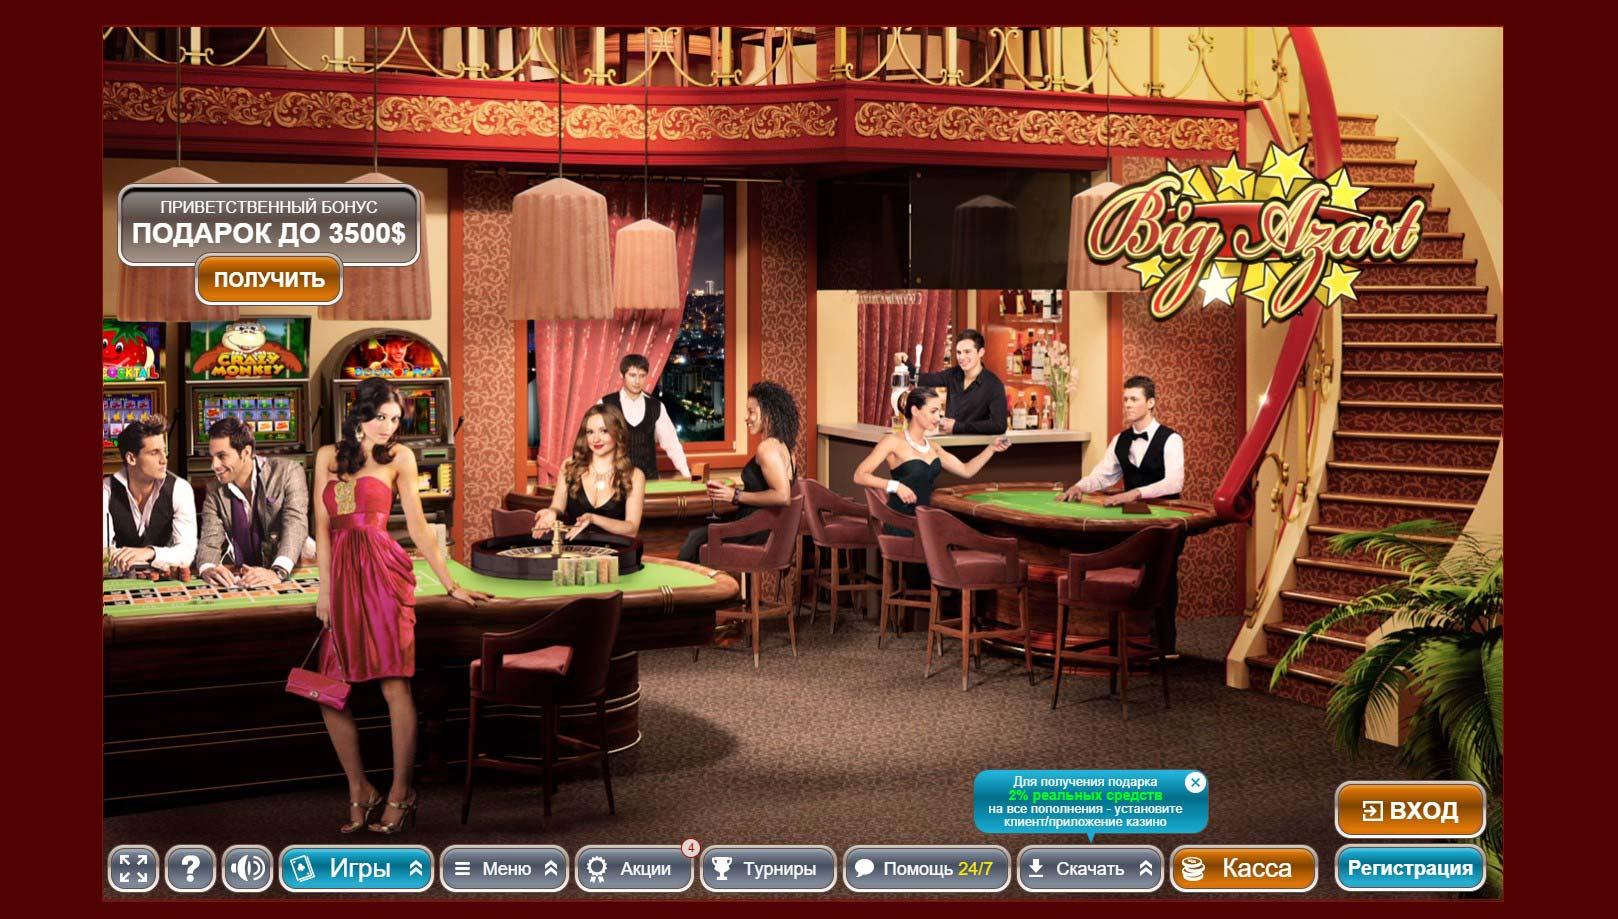 Вход в казино биг азарт лучшие онлайн казино россии рейтинг